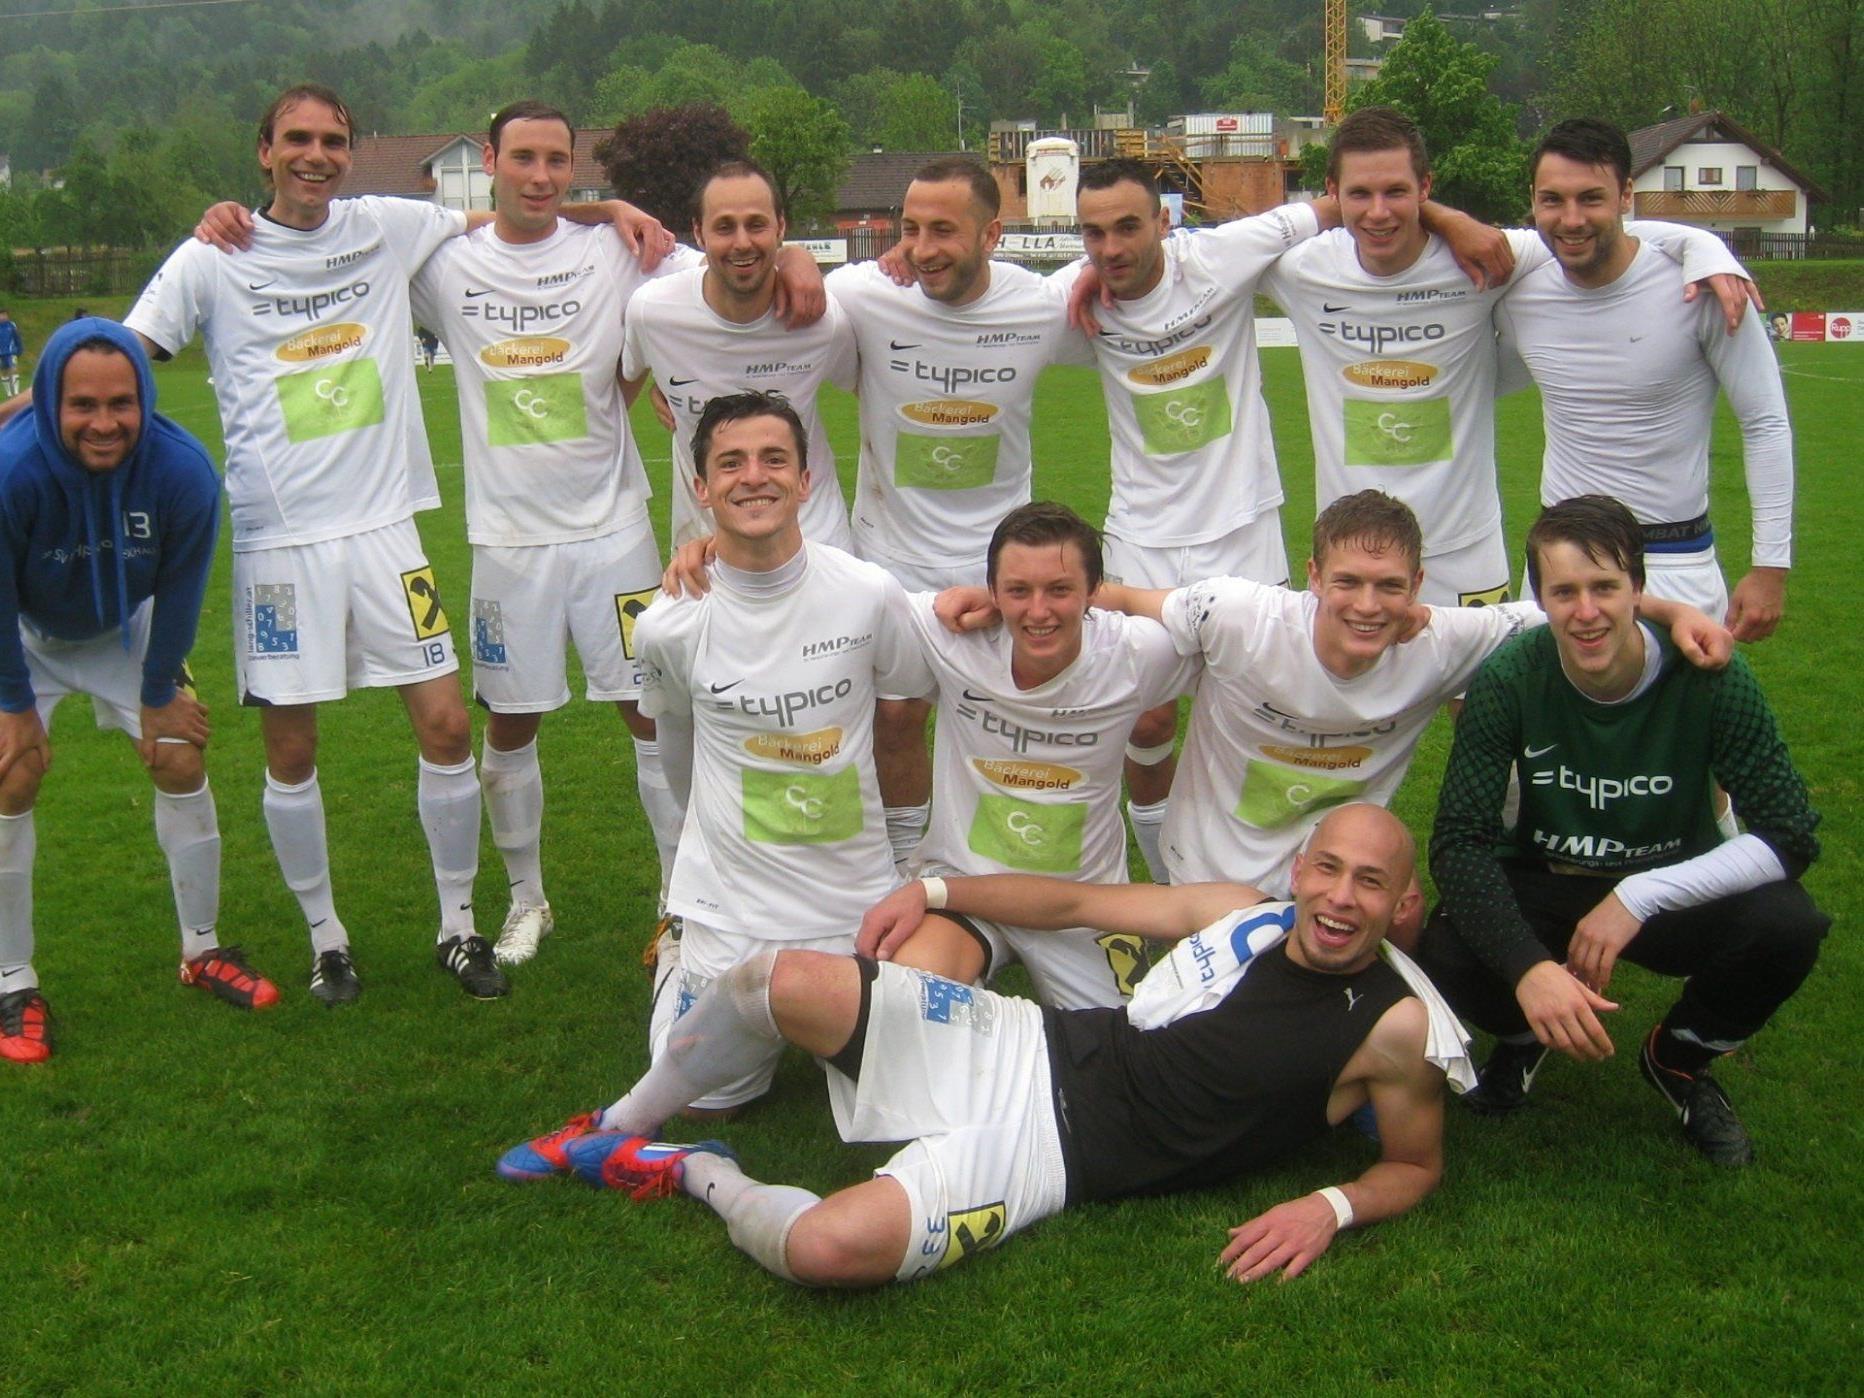 Das Lochauer Team will mit einem Sieg die Tabellenführung verteidigen.